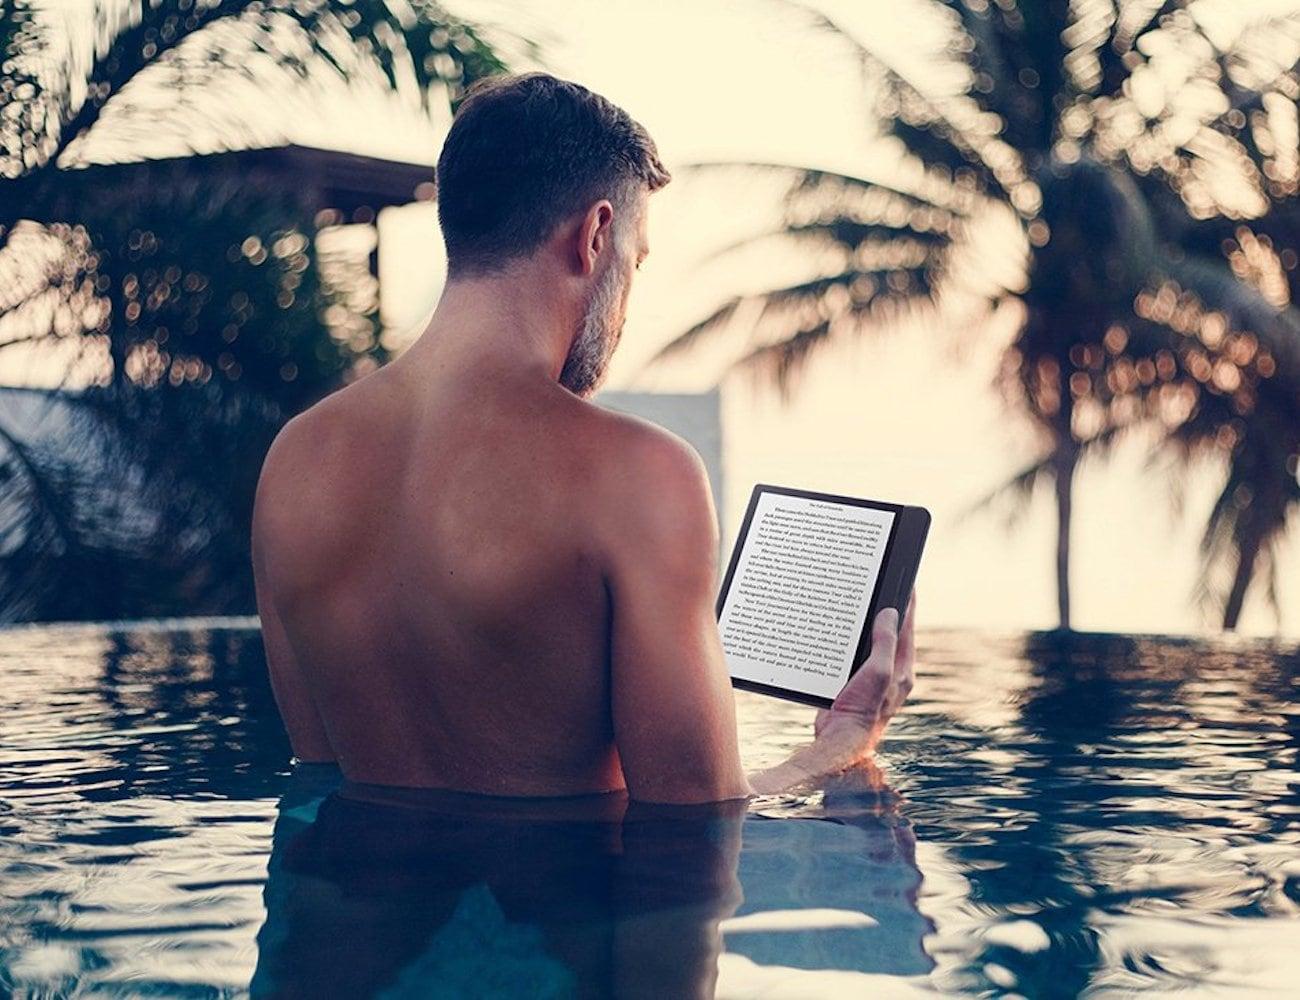 Kobo Forma Waterproof Lightweight E-Reader